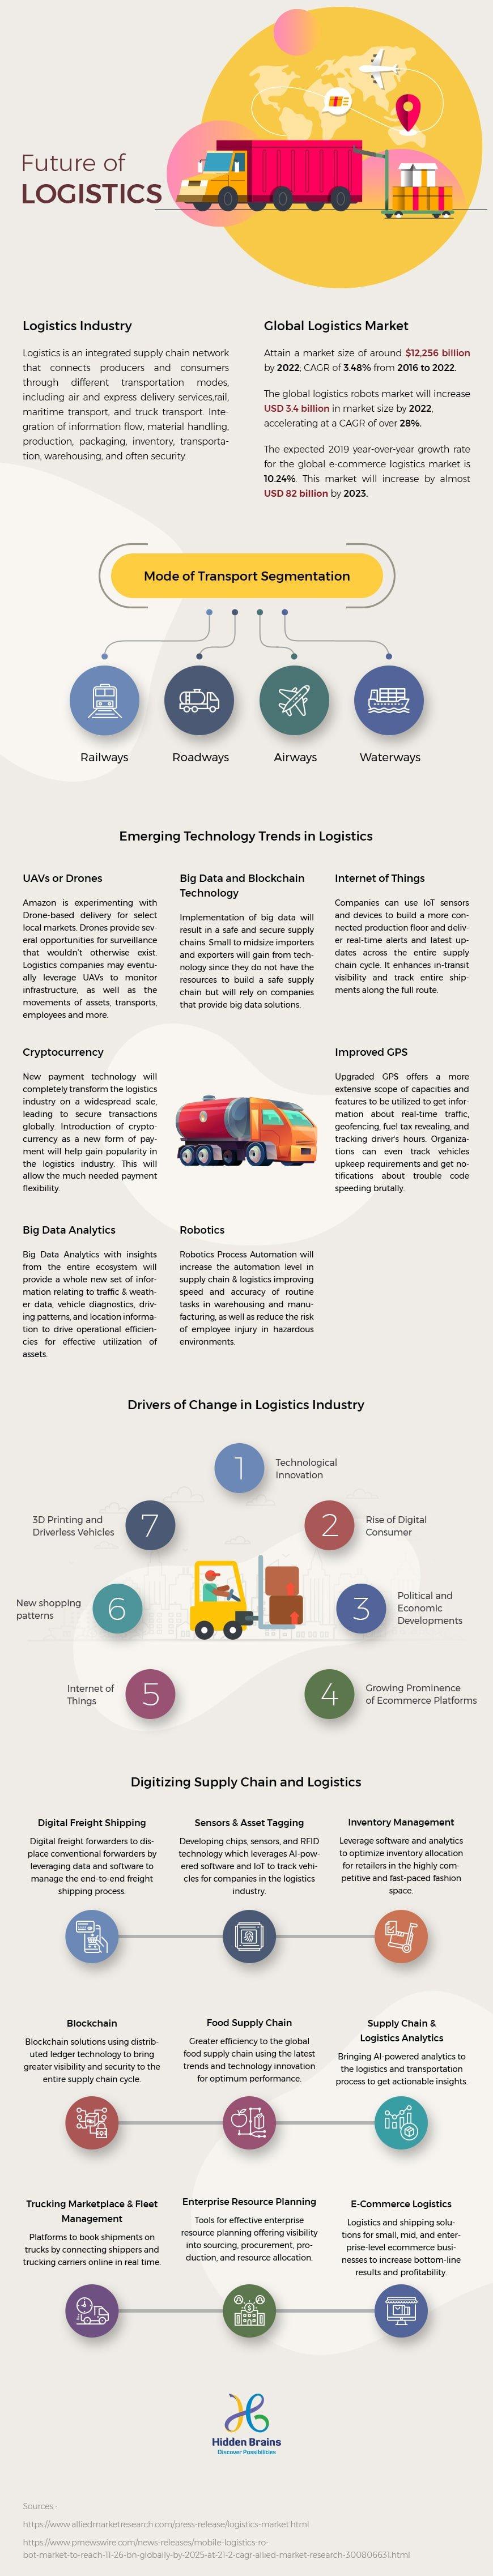 Future of Logistics-Infographic & iot in logistics